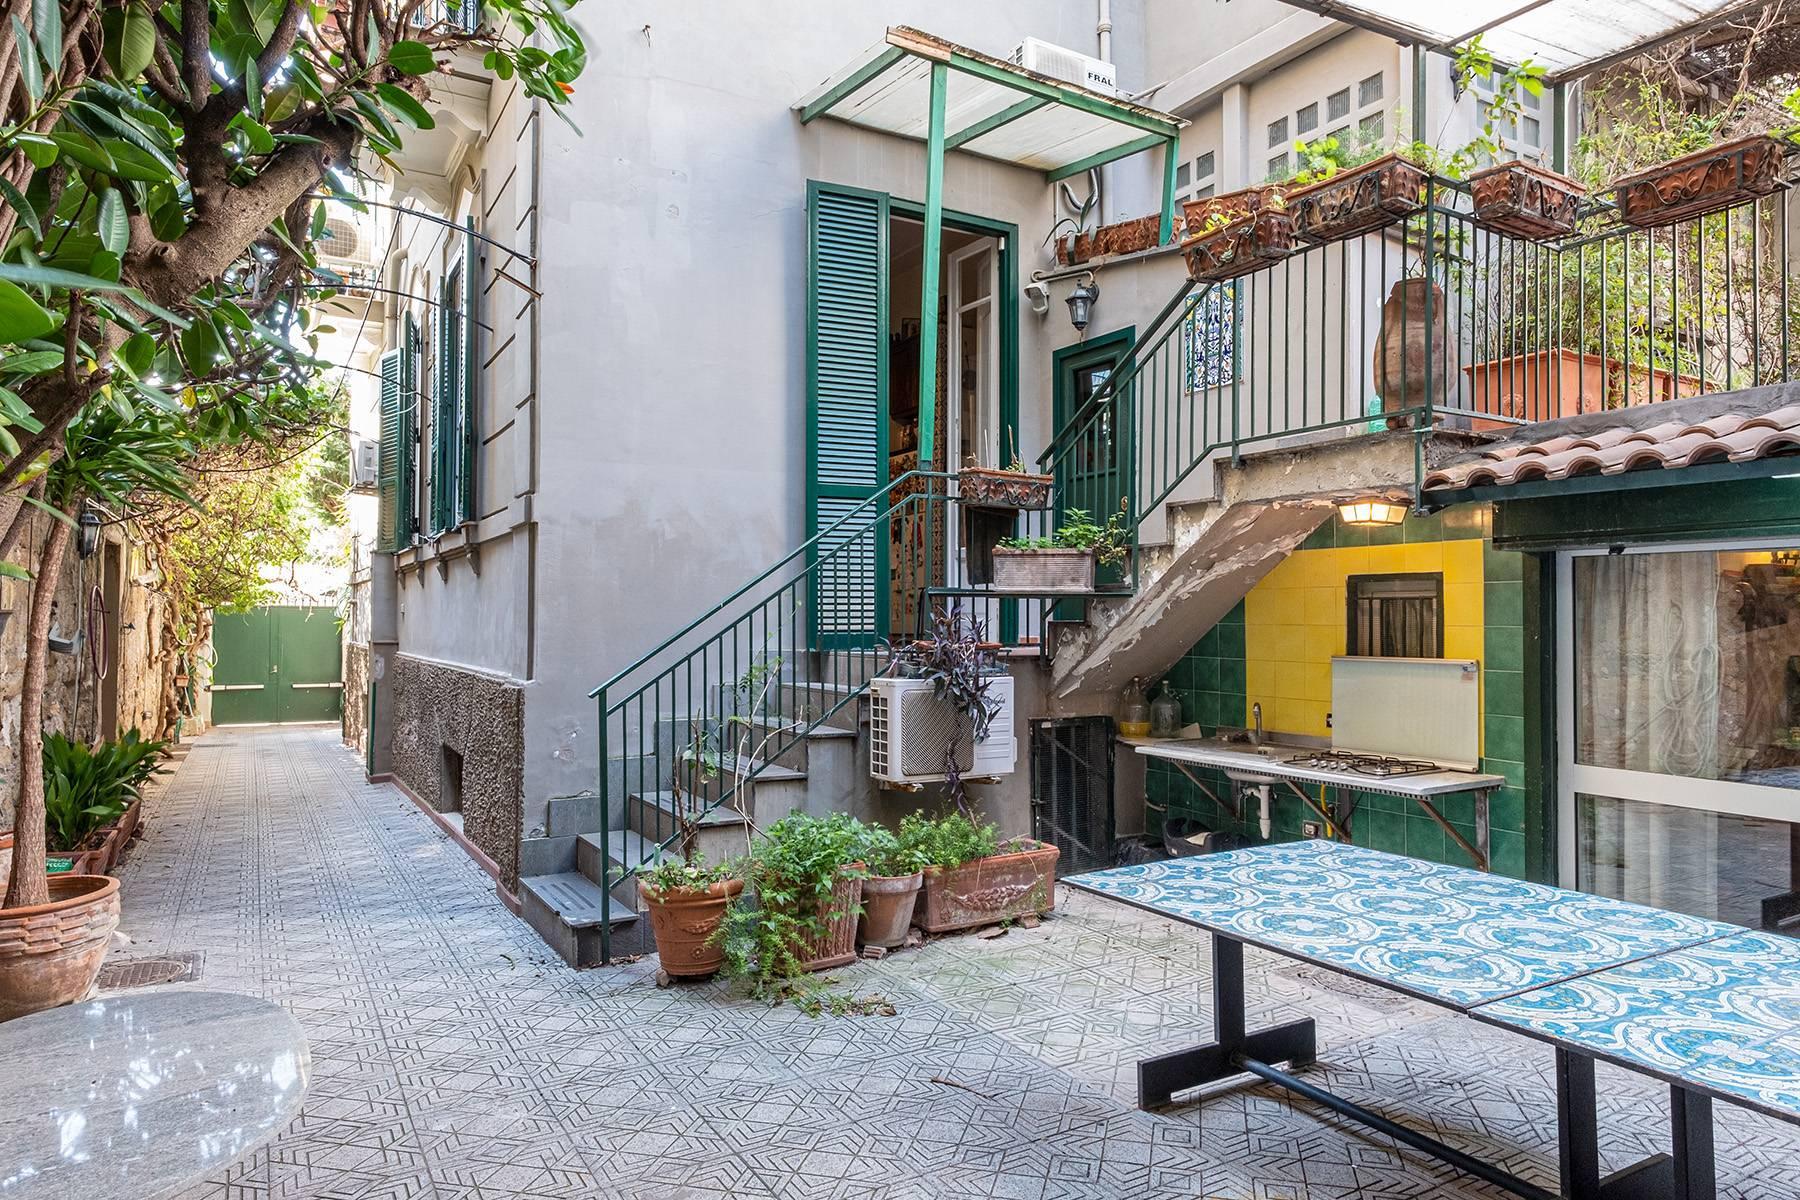 Eclettica dimora indipendente con terrazza e giardino - 16